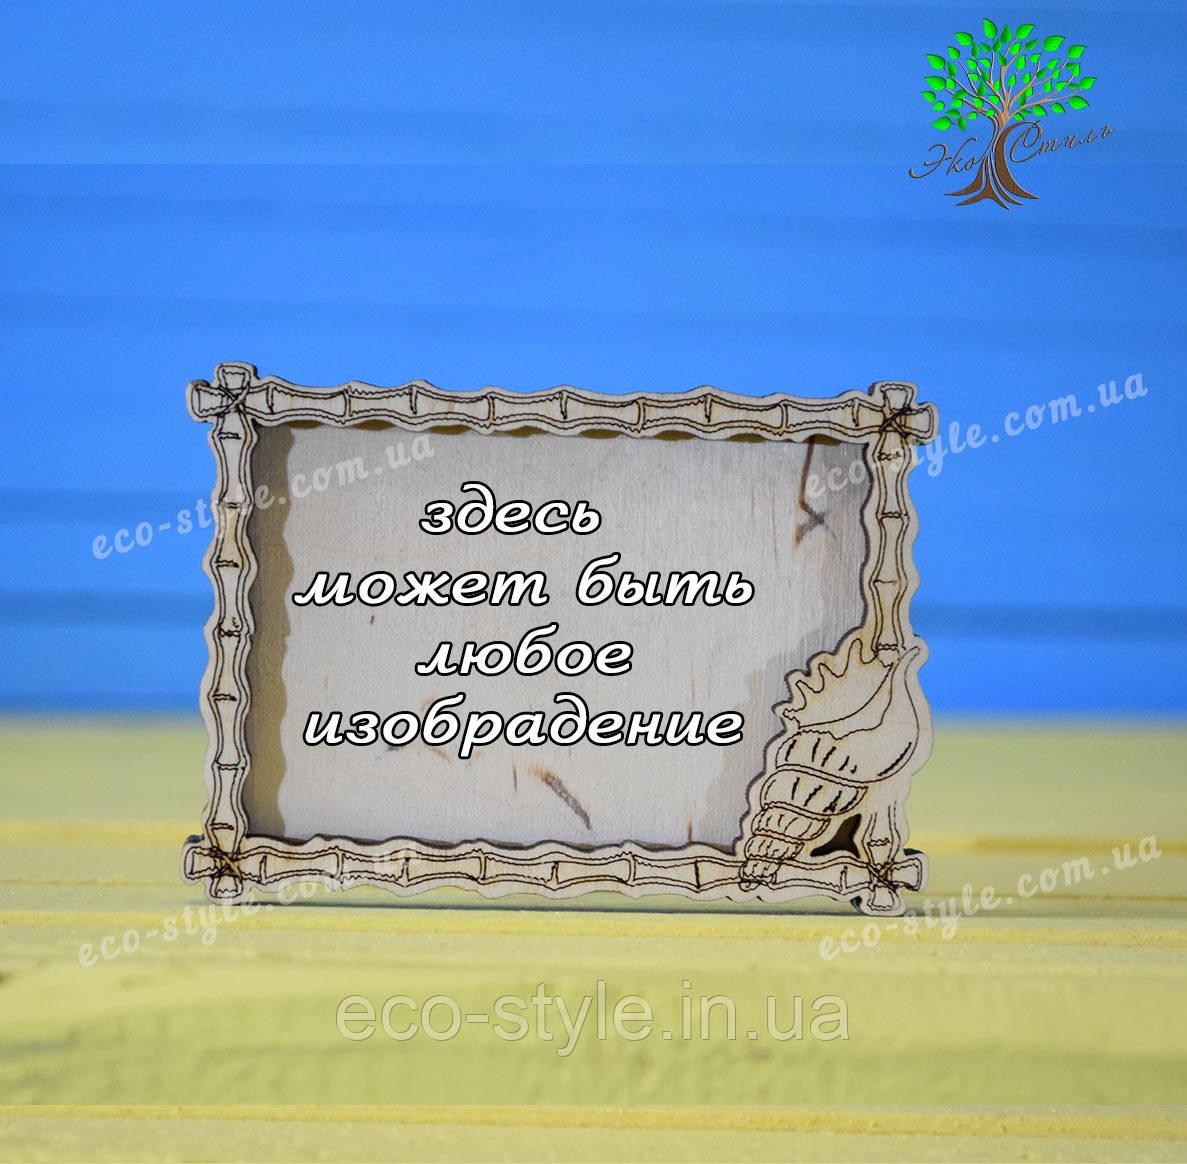 Деревянный магнит, двухслойный сувенирный магнит из дерева